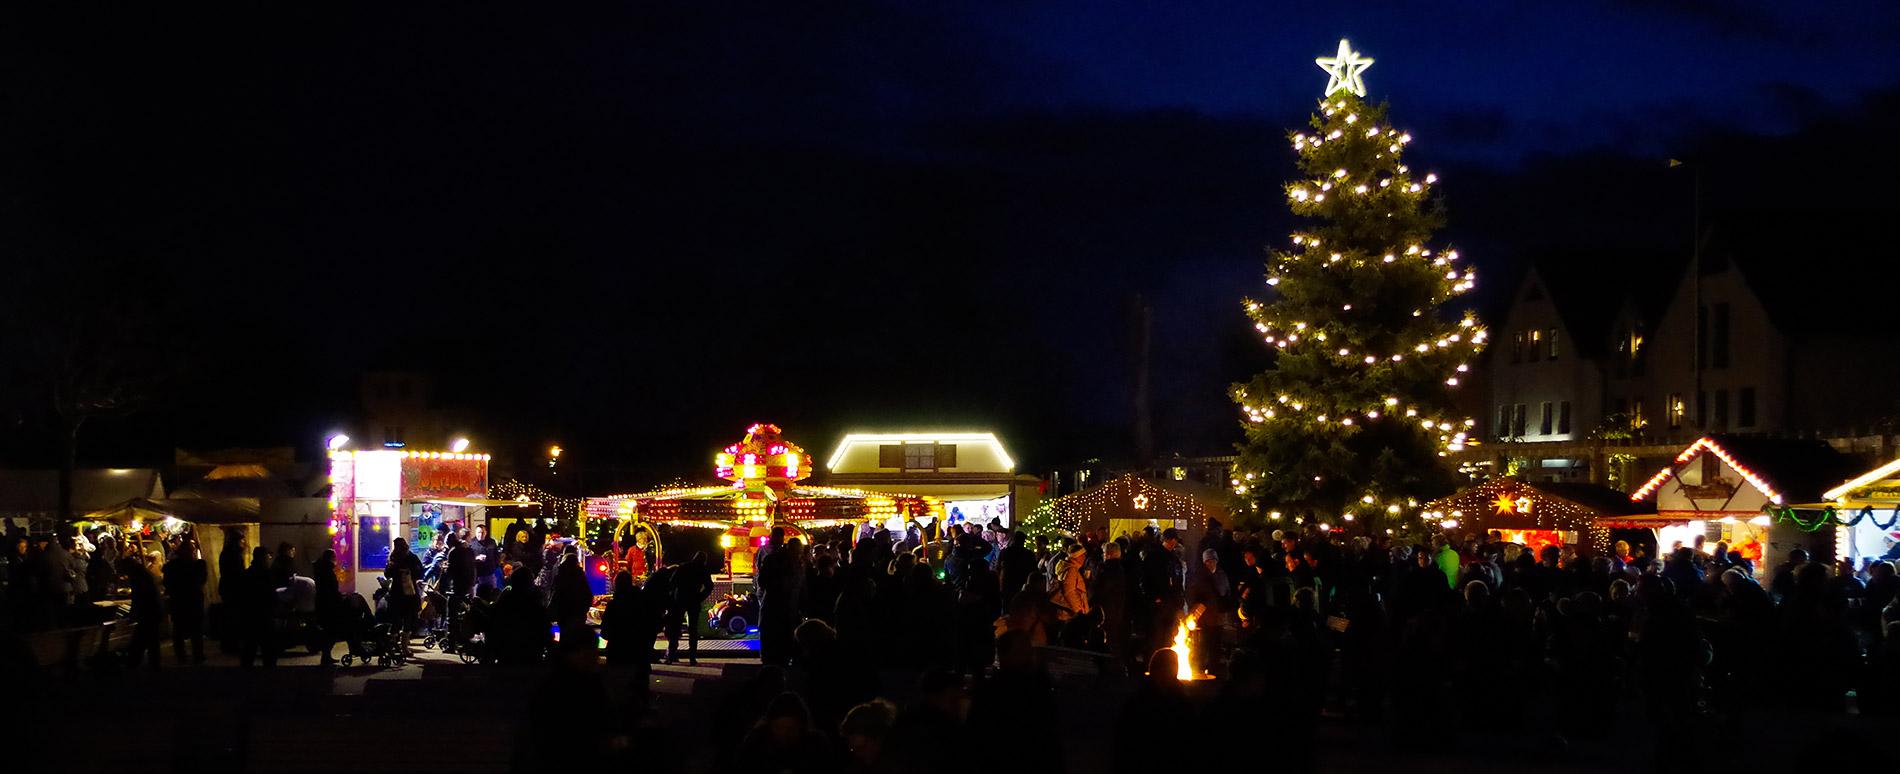 Weihnachtsmarkt Ende.Weihnachtsmärkte Im Spreewald Alle Termine Auf Einen Blick